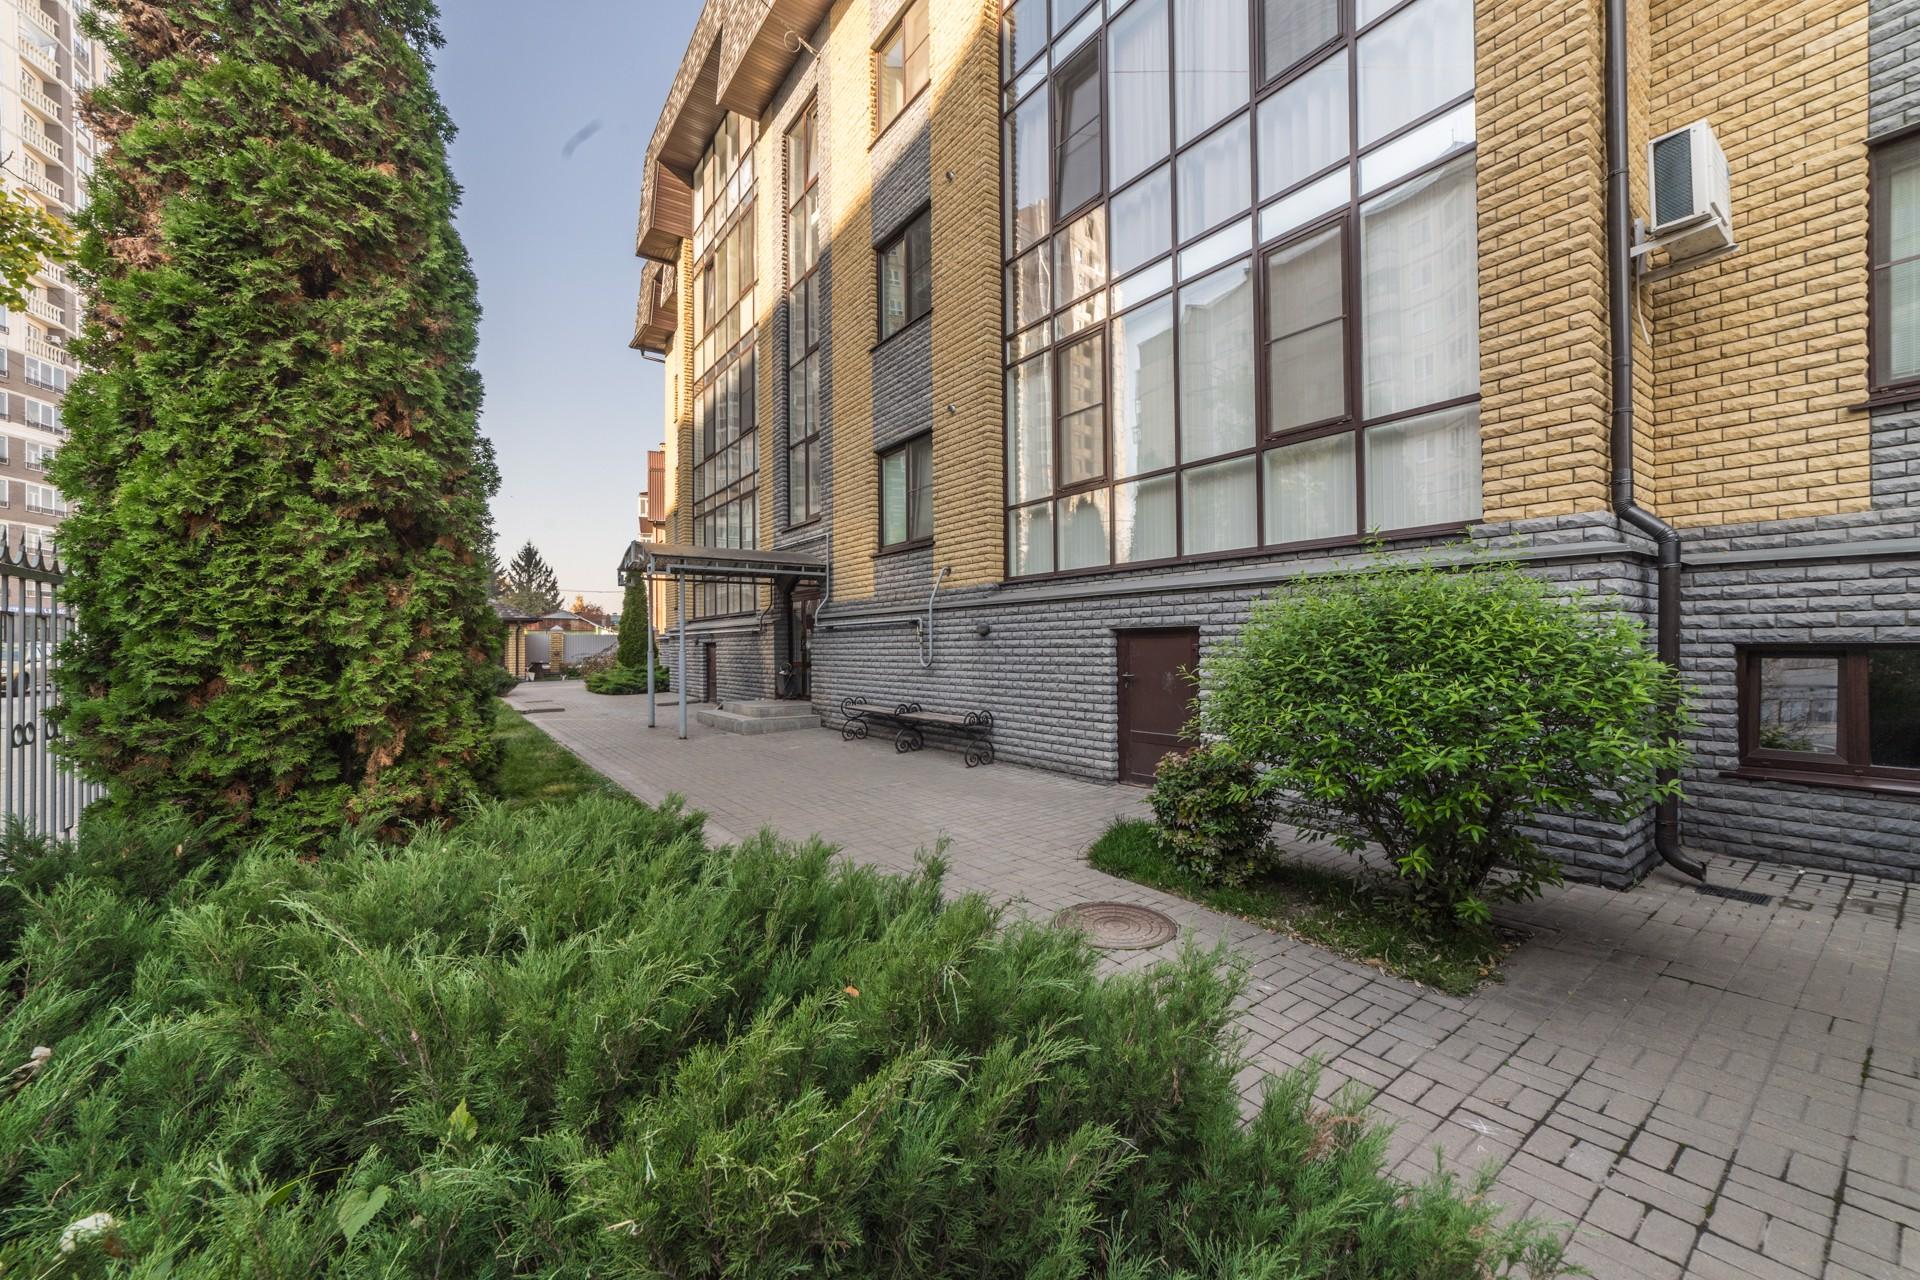 Продажа 4-к квартиры, Липецк, улица Шевченко, 20, 260 м², 16500000 ₽